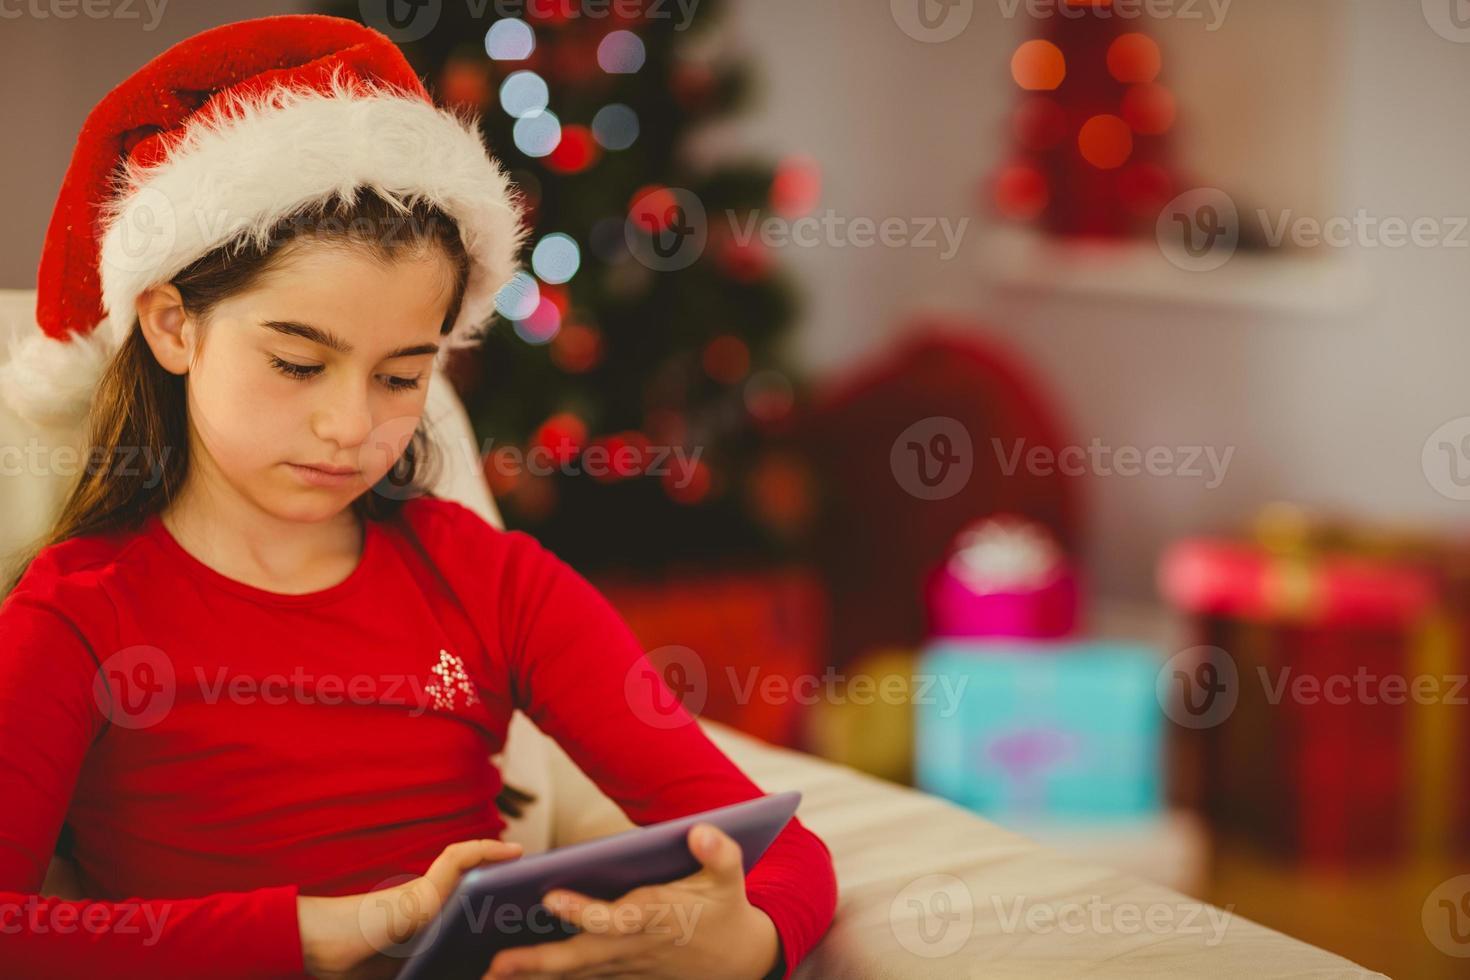 festliches kleines Mädchen mit Tablet-PC auf der Couch foto